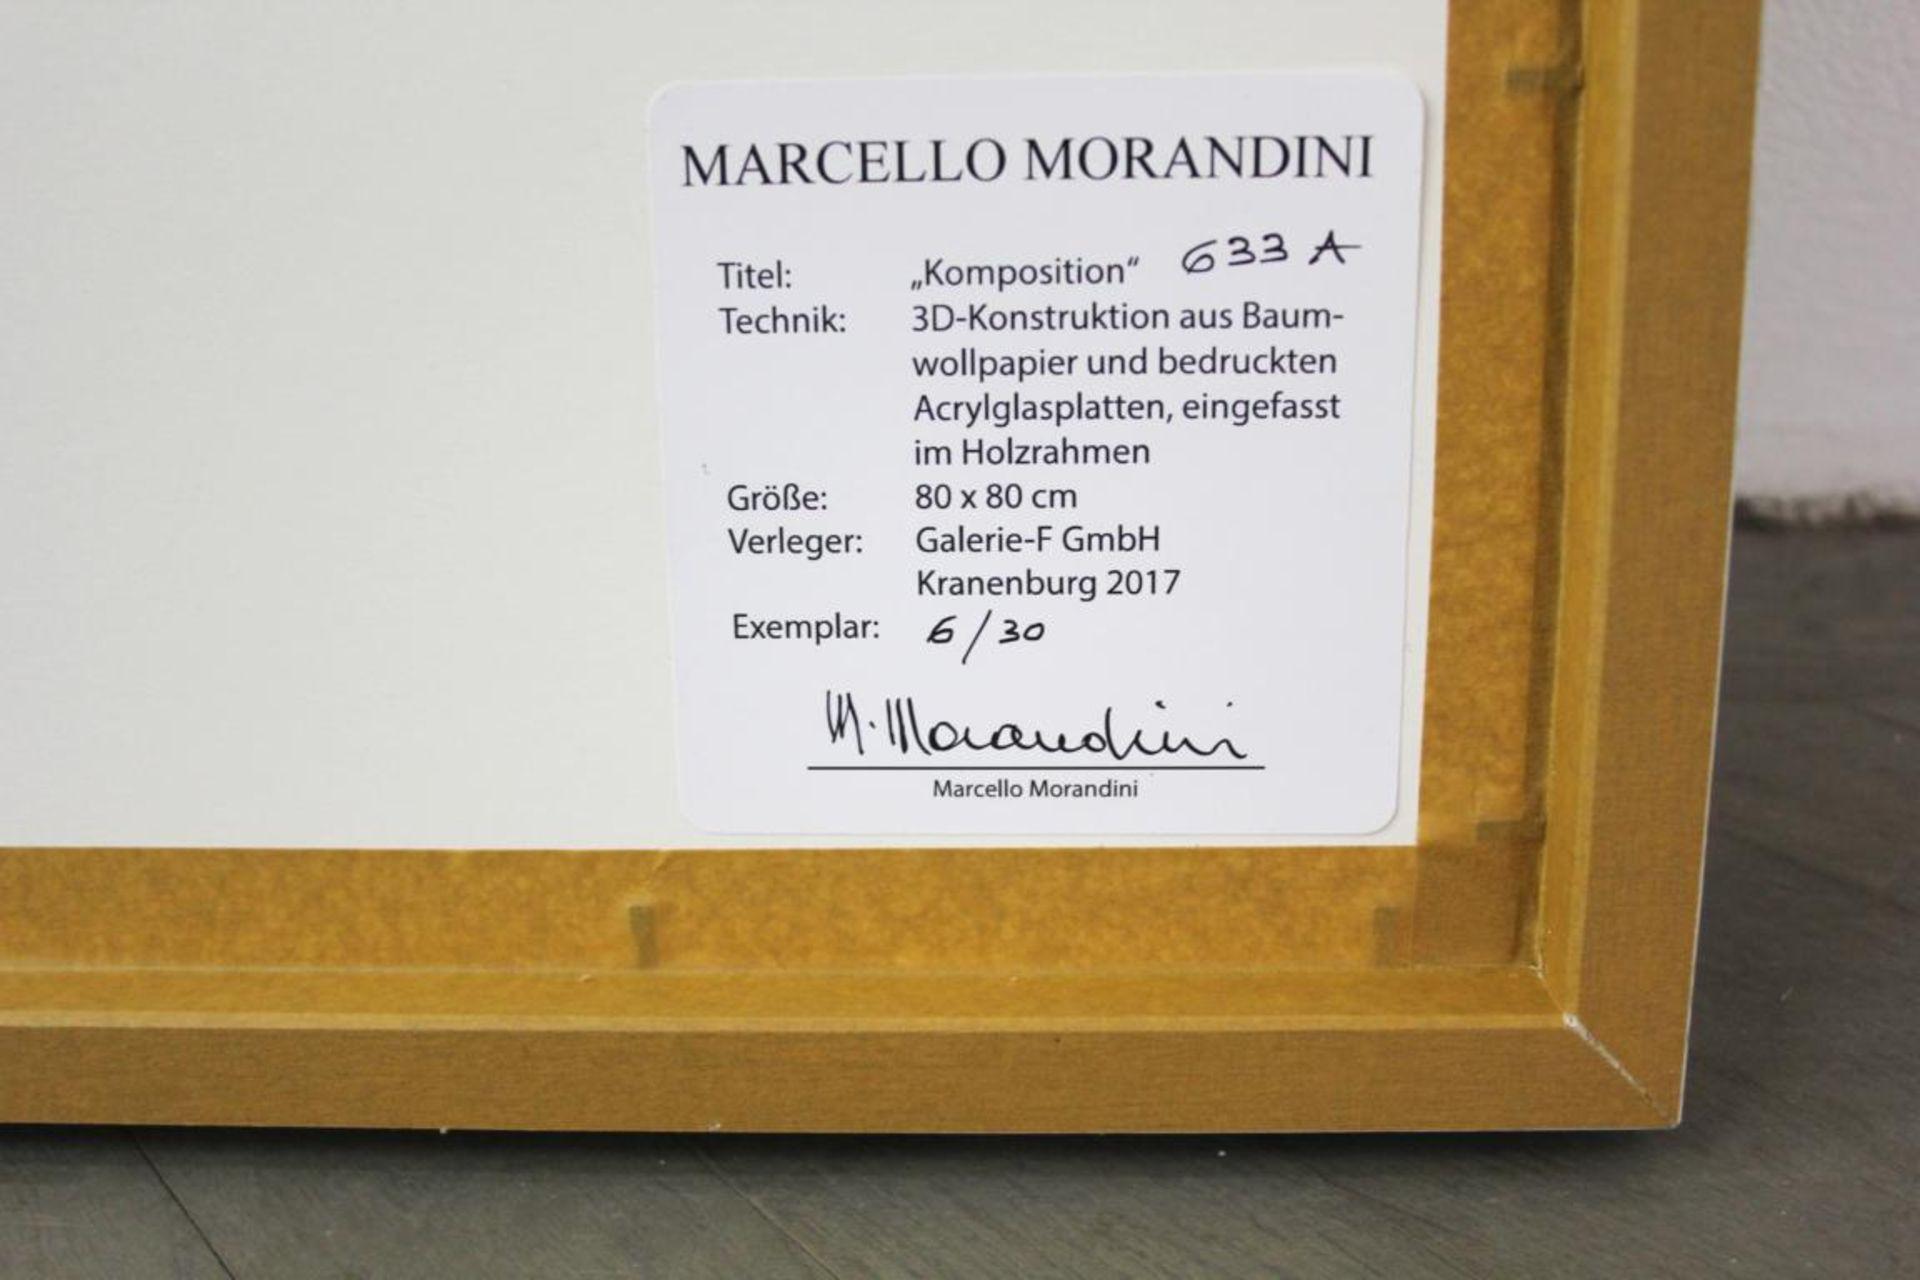 Morandini Marcello (geb. 1940) Komposition 633a 2017 3D Konstruktion aus Baumwollpapier und - Bild 2 aus 2